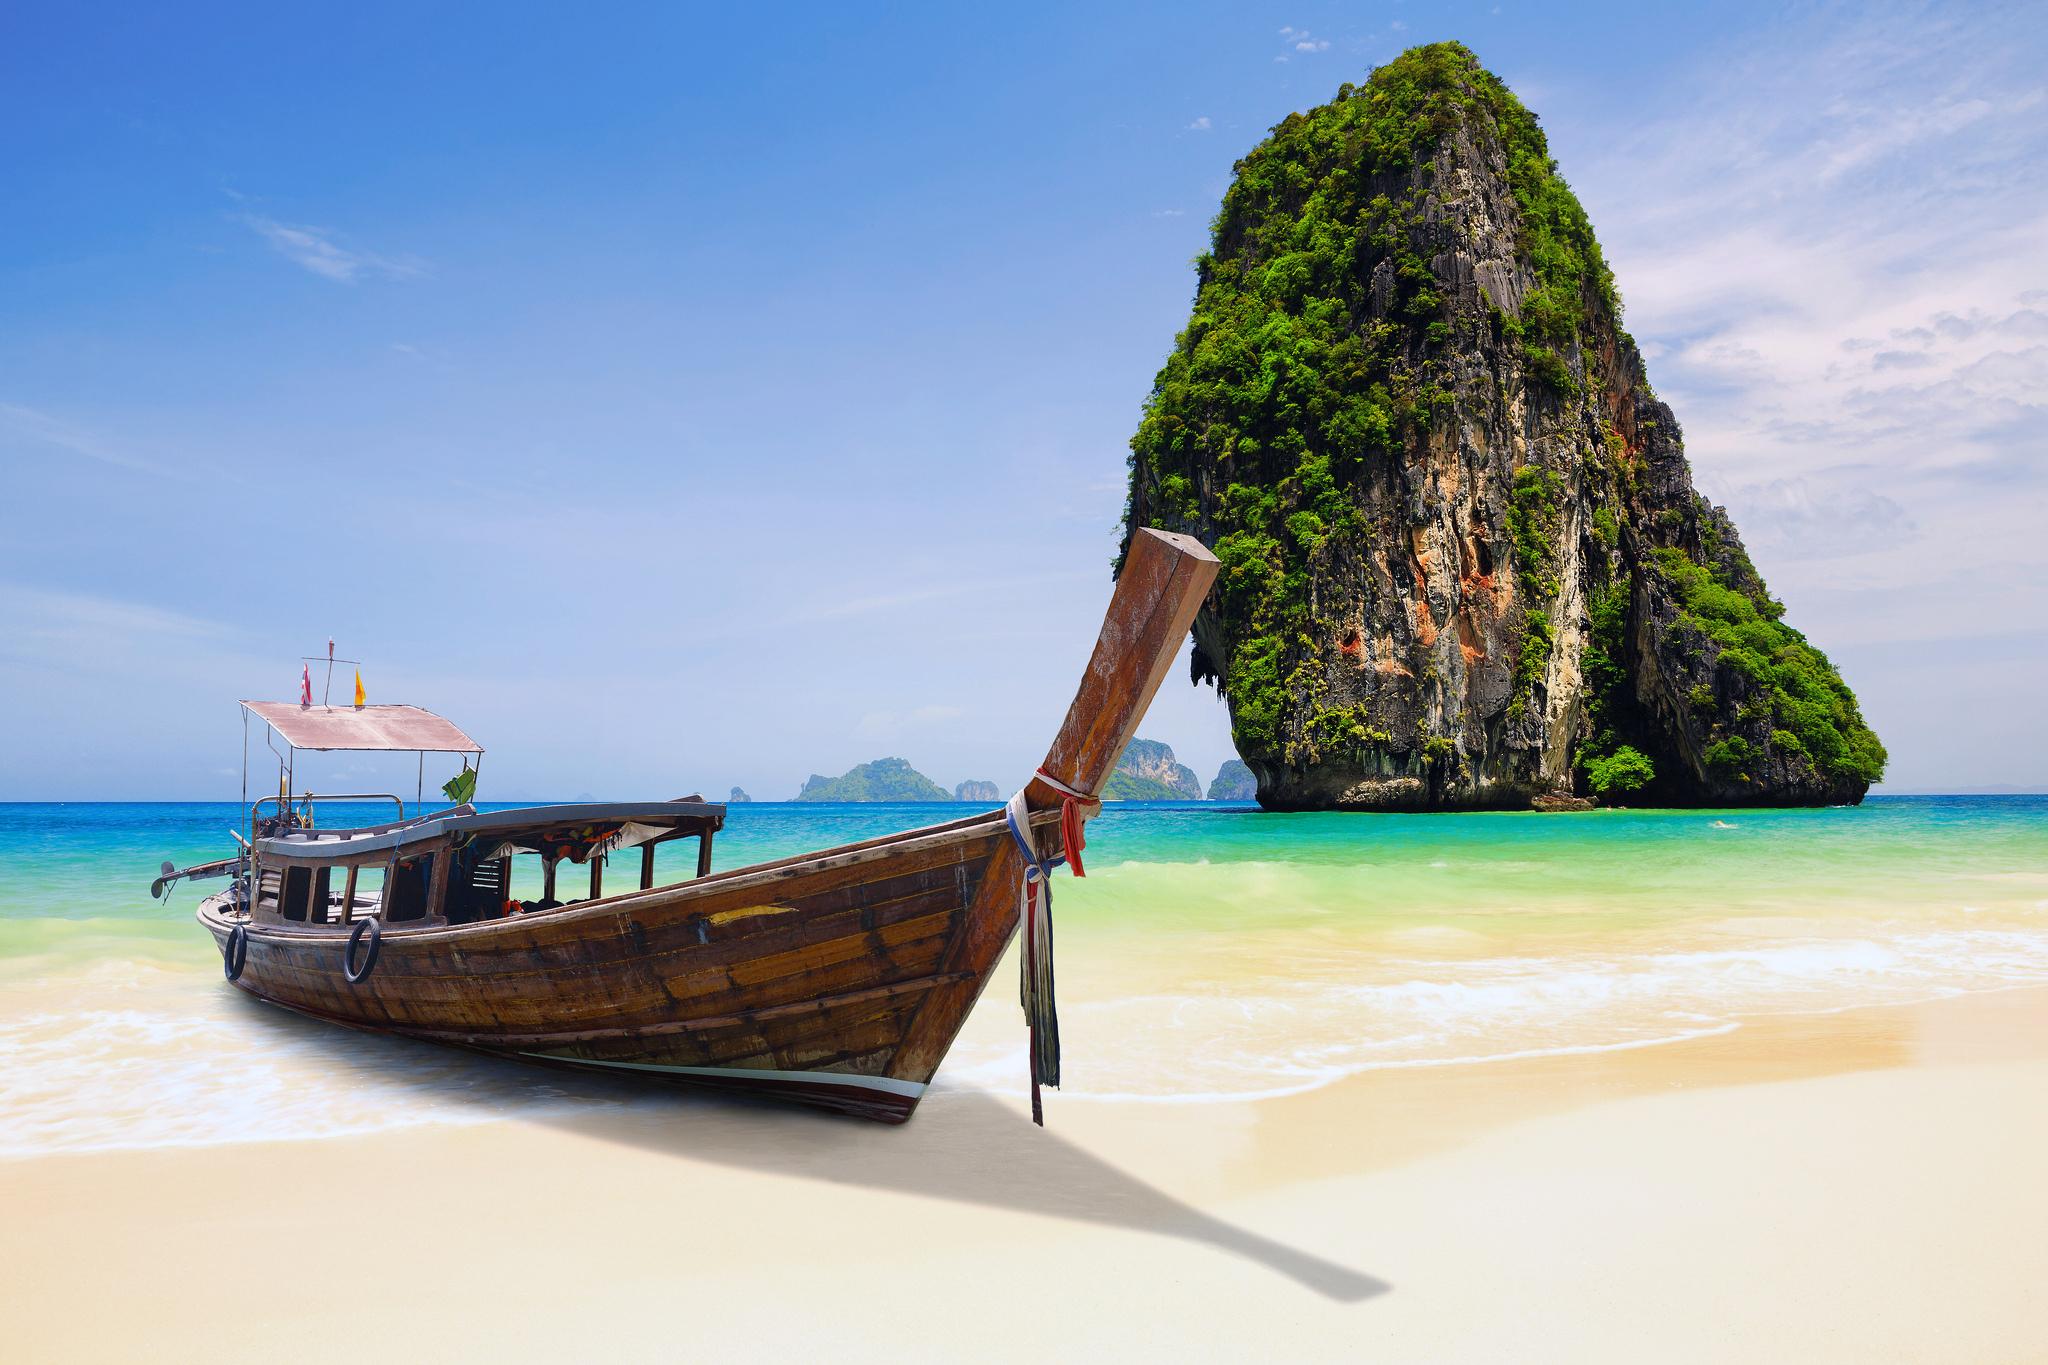 природа деревья река лодки Тайланд страны скачать